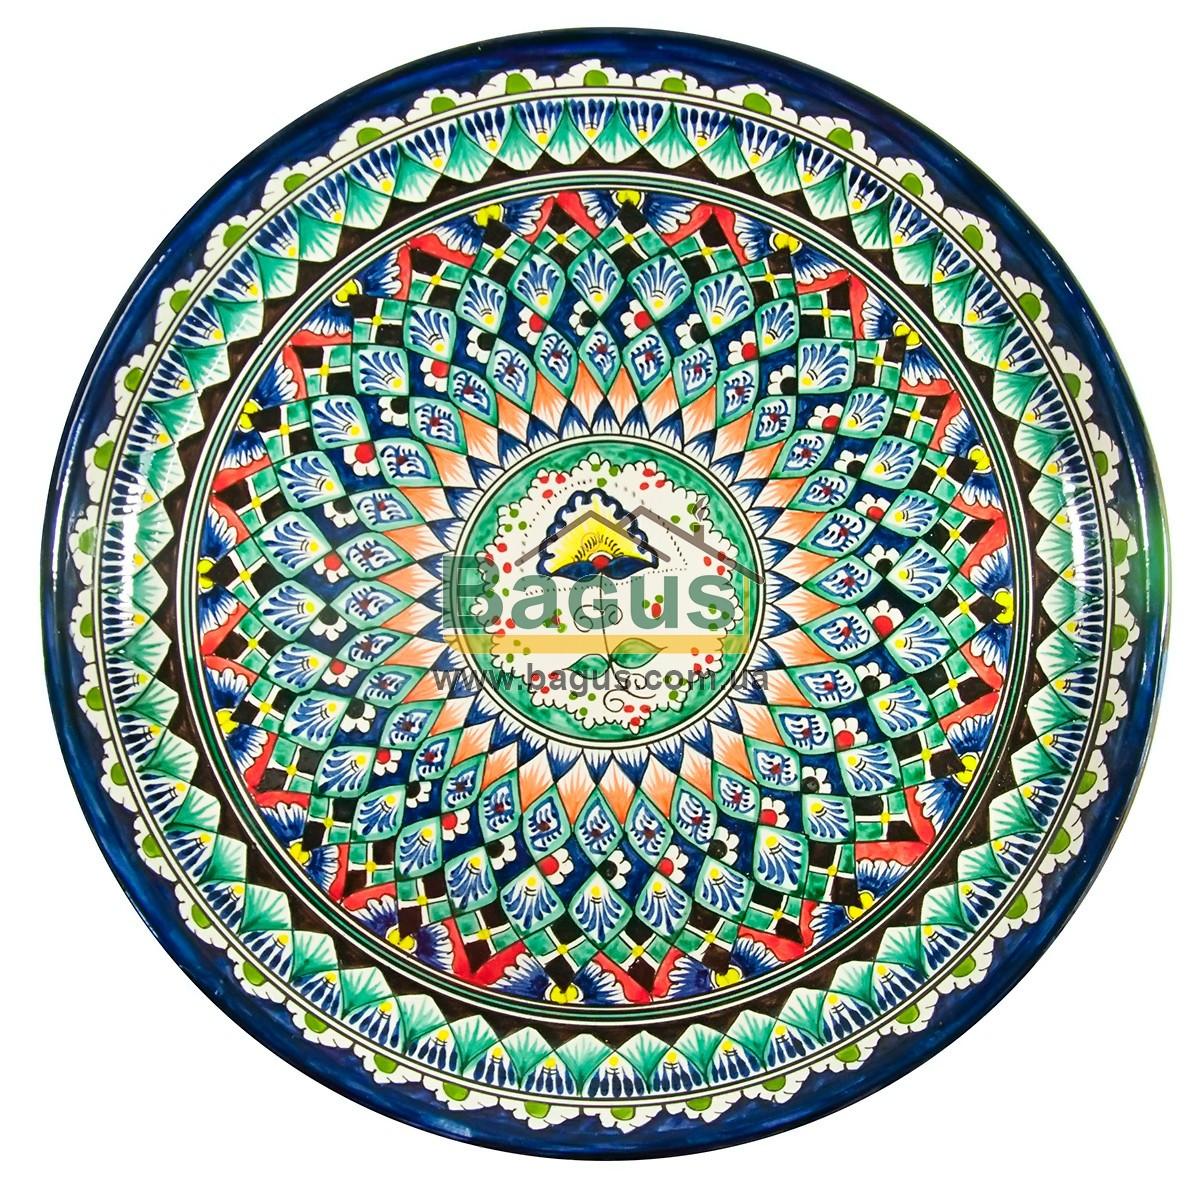 Ляган узбекский (тарелка узбекская) диаметр 45см ручная работа 4505-06